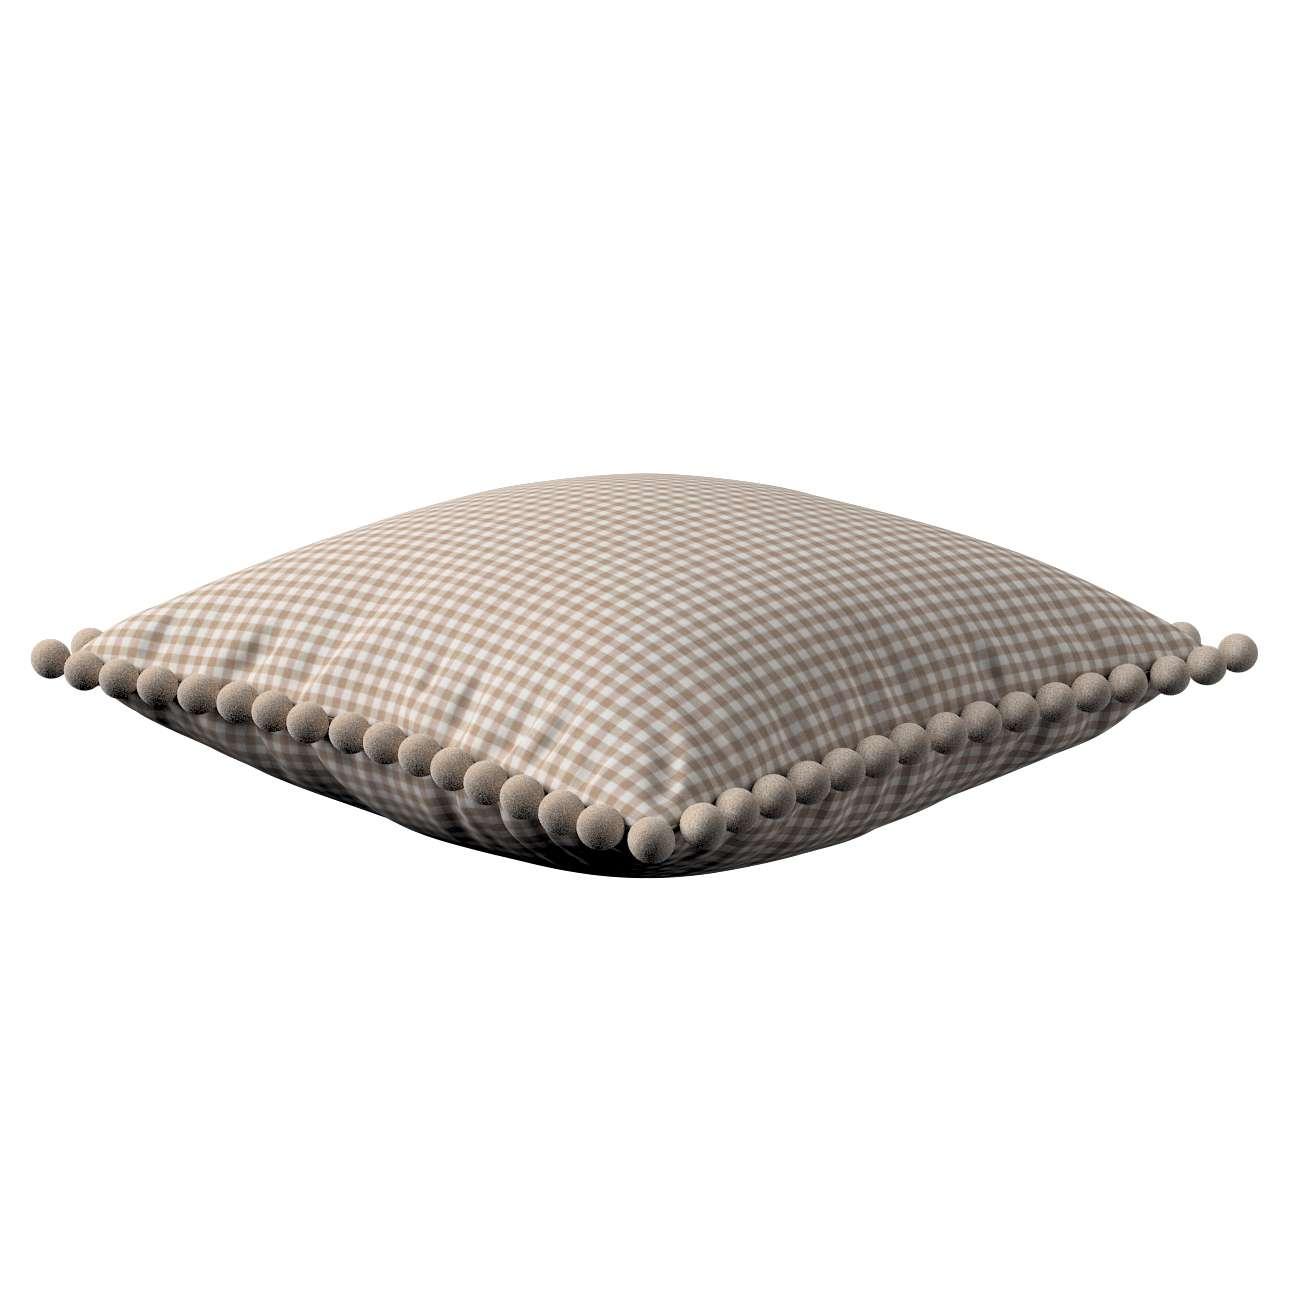 Wera dekoratyvinės pagalvėlės su žaismingais kraštais 45 x 45 cm kolekcijoje Quadro, audinys: 136-05